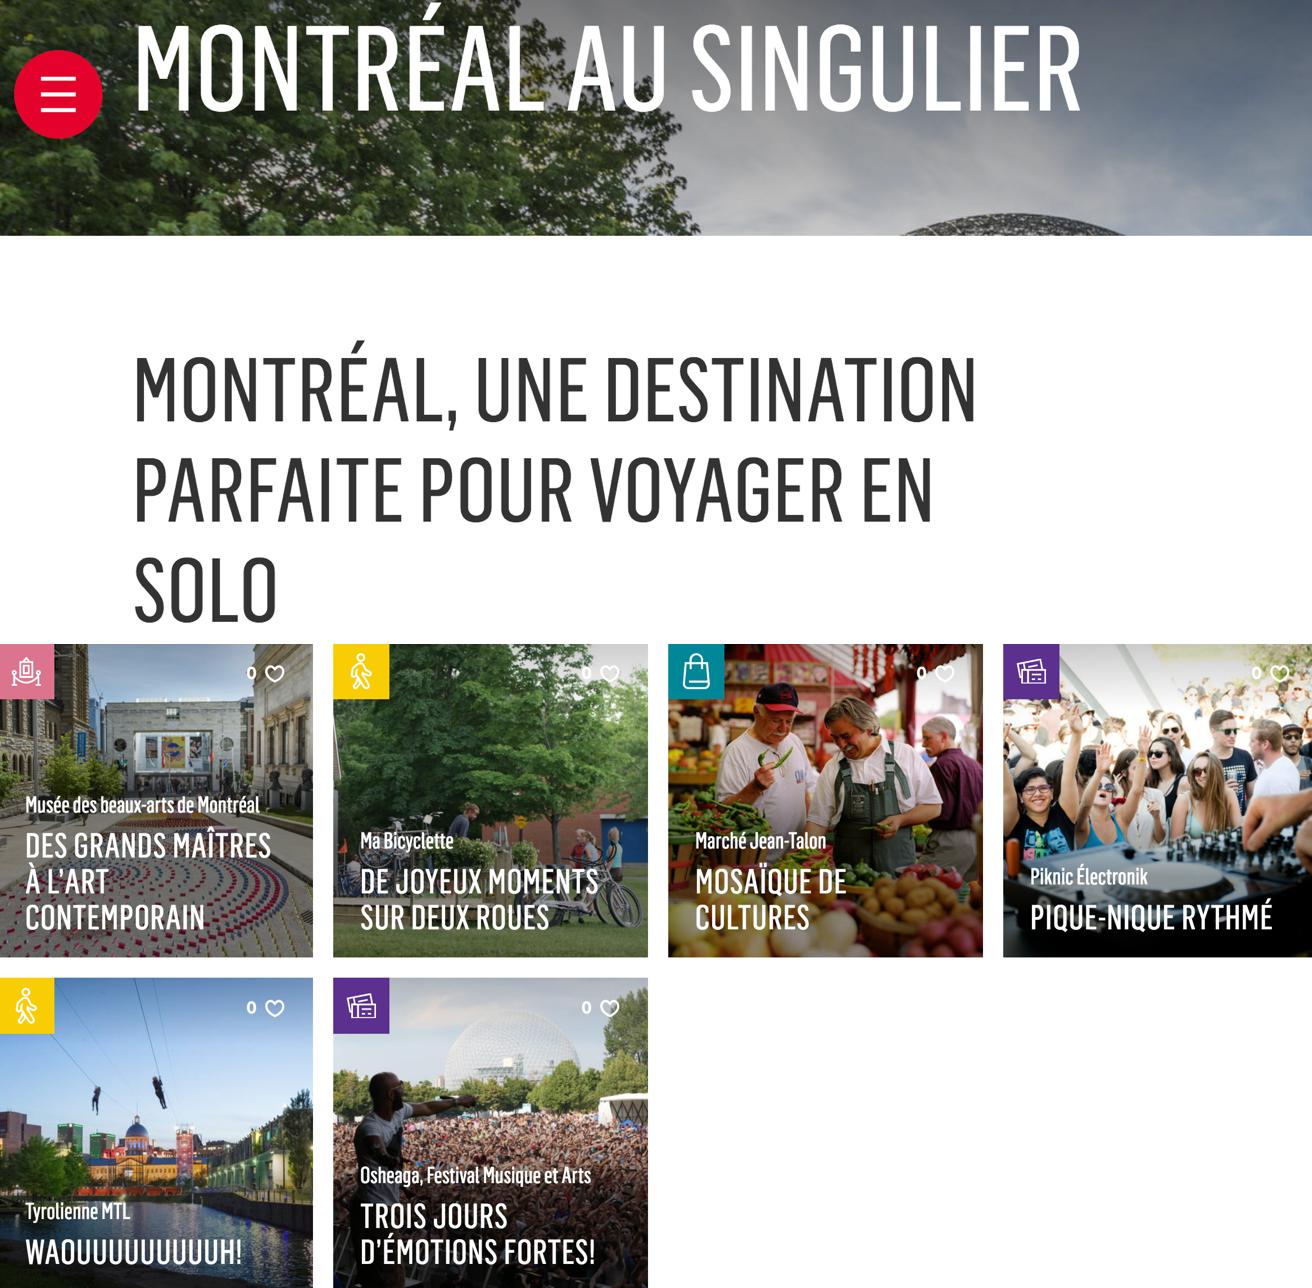 comment-seduire-voyageurs-solos-montreal-au-singulier